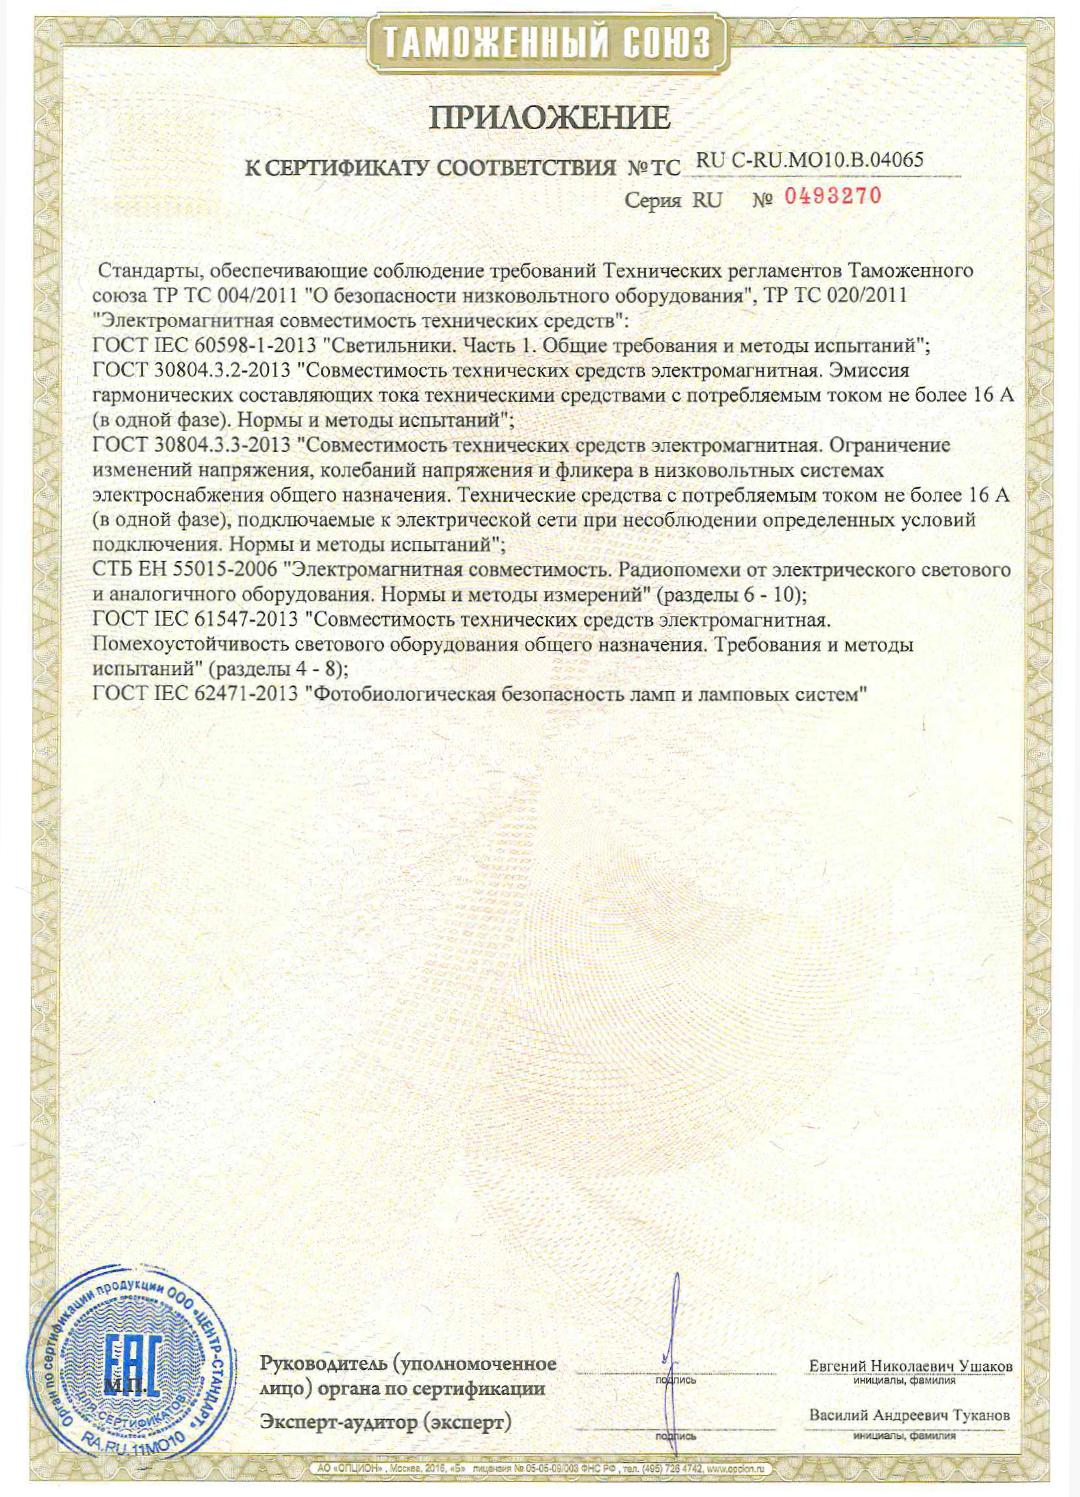 Сертификат соответствия Таможенного союза на светильники СПВО. Приложение